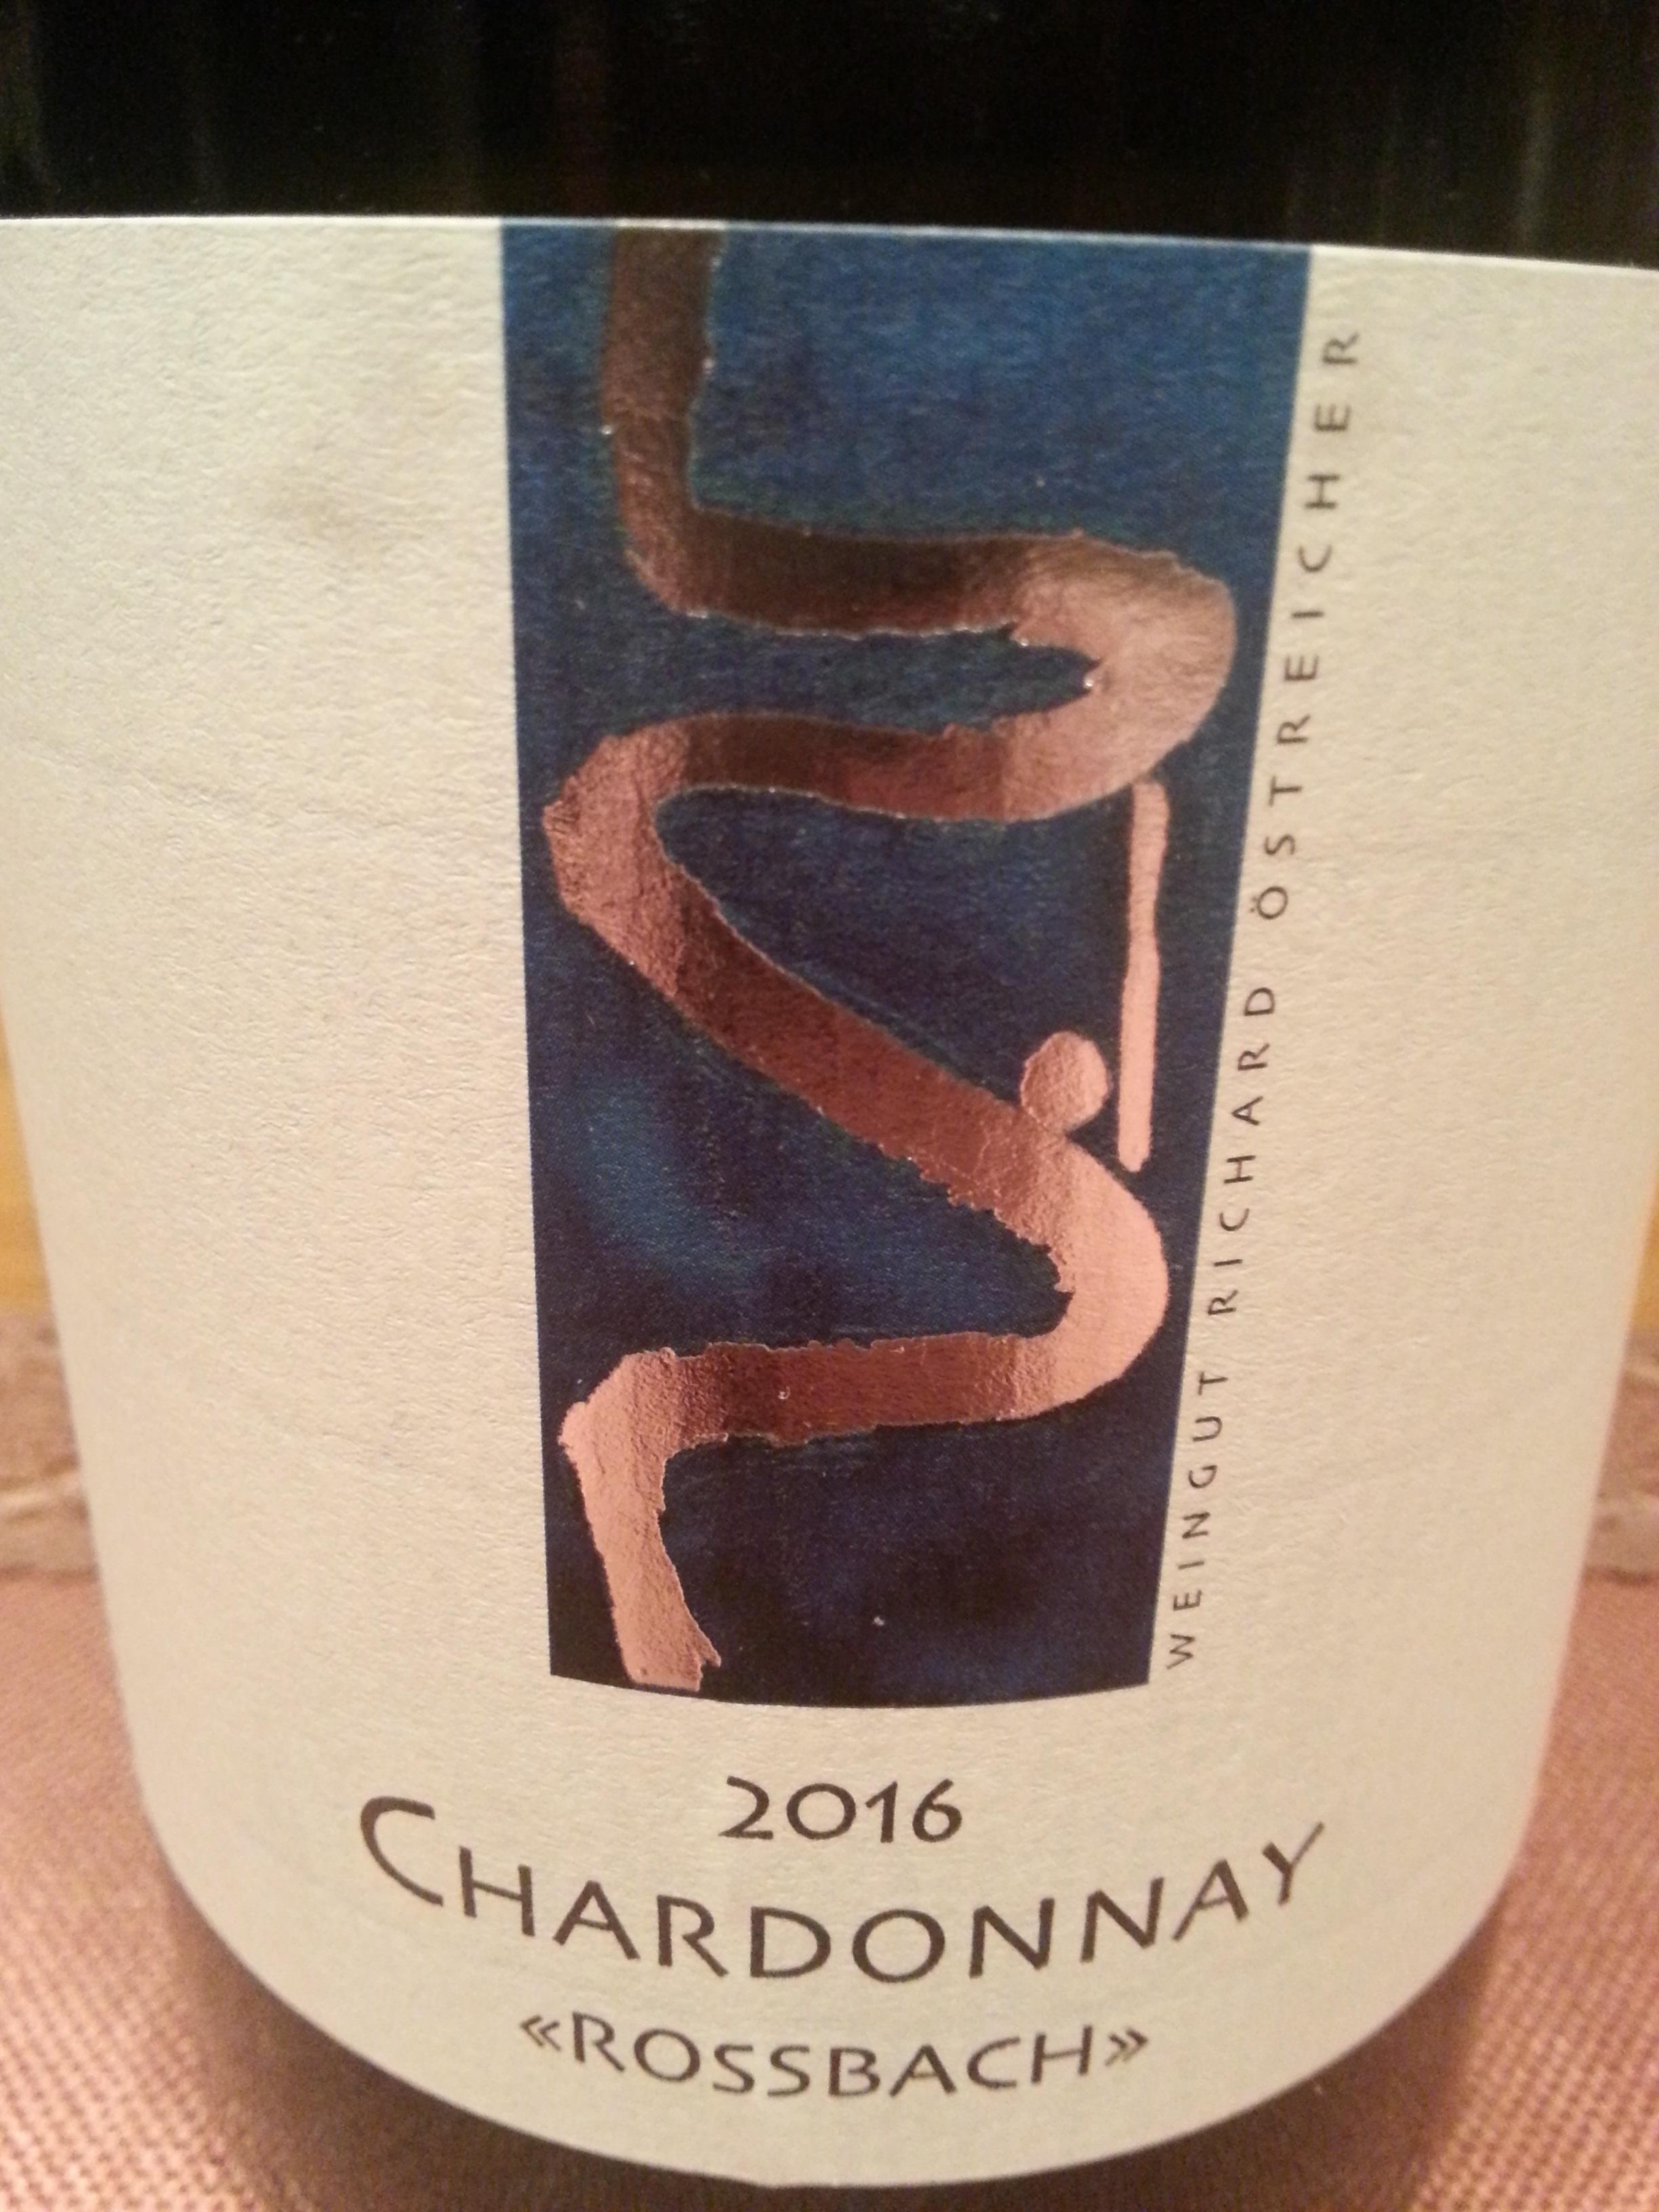 2016 Chardonnay Rossbach | Östreicher